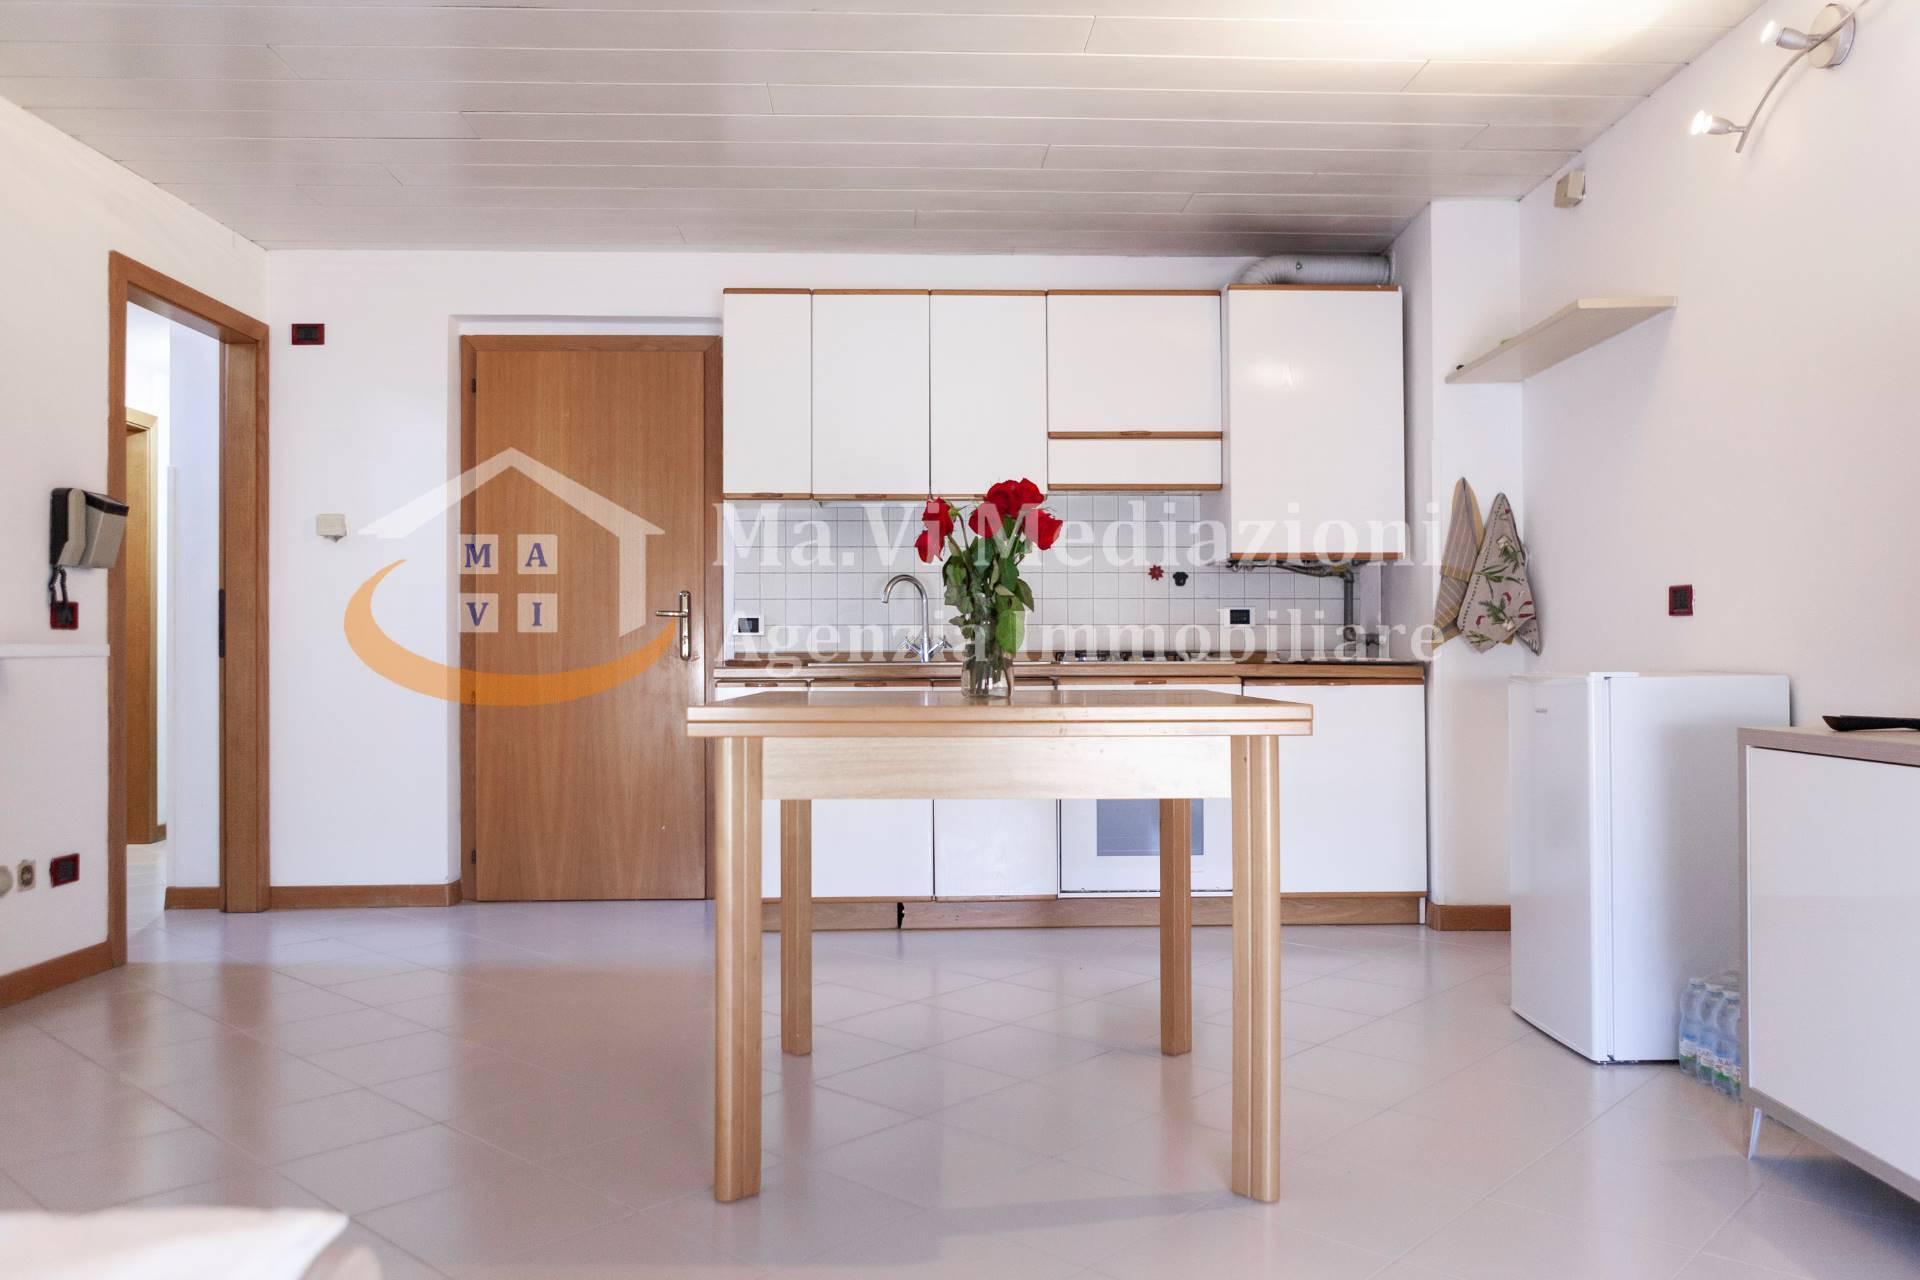 Appartamento in vendita a Nago-Torbole, 3 locali, zona Zona: Nago, prezzo € 196.000 | CambioCasa.it